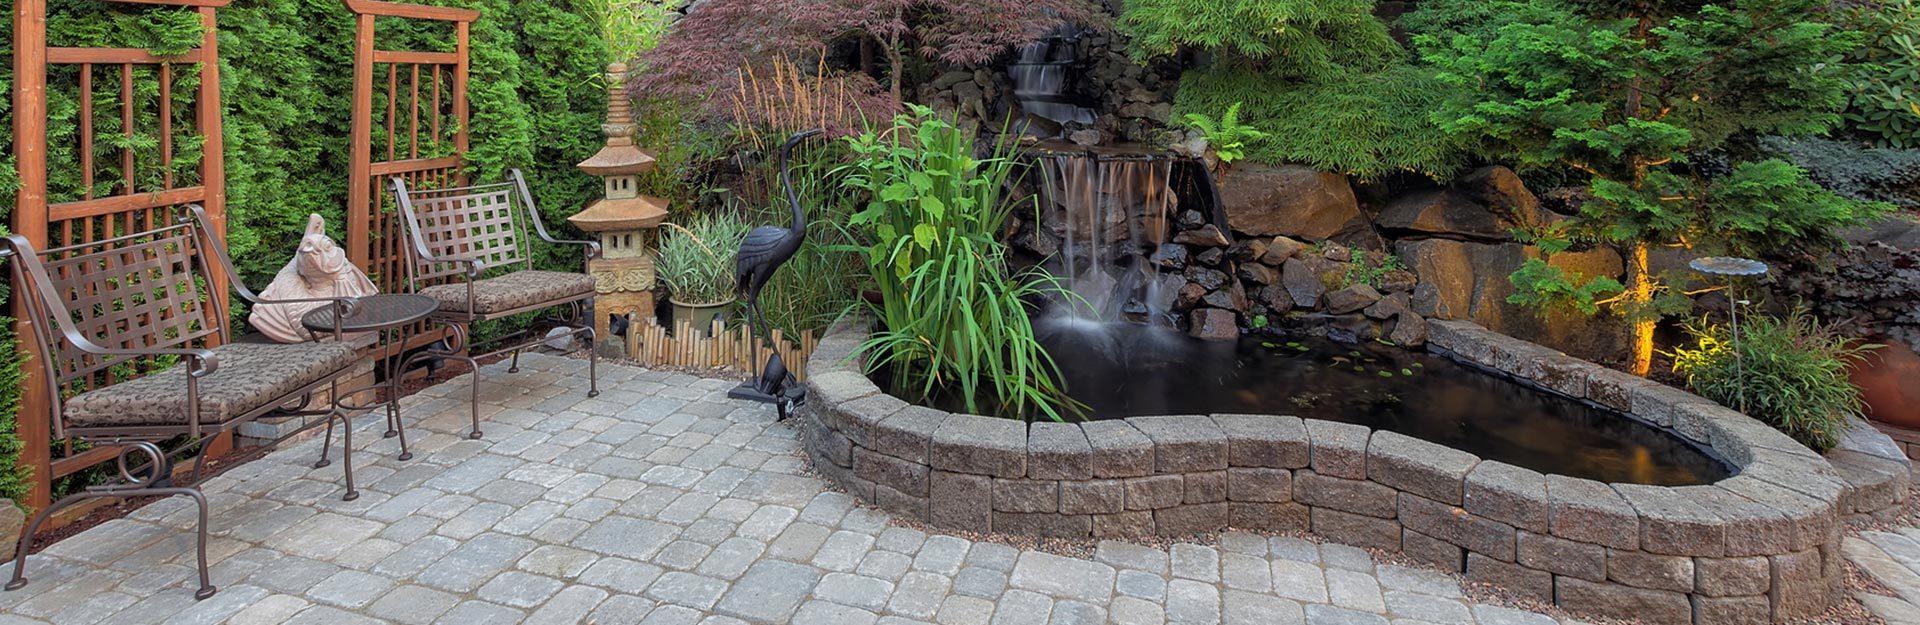 Garten mit Teich und Pflaster